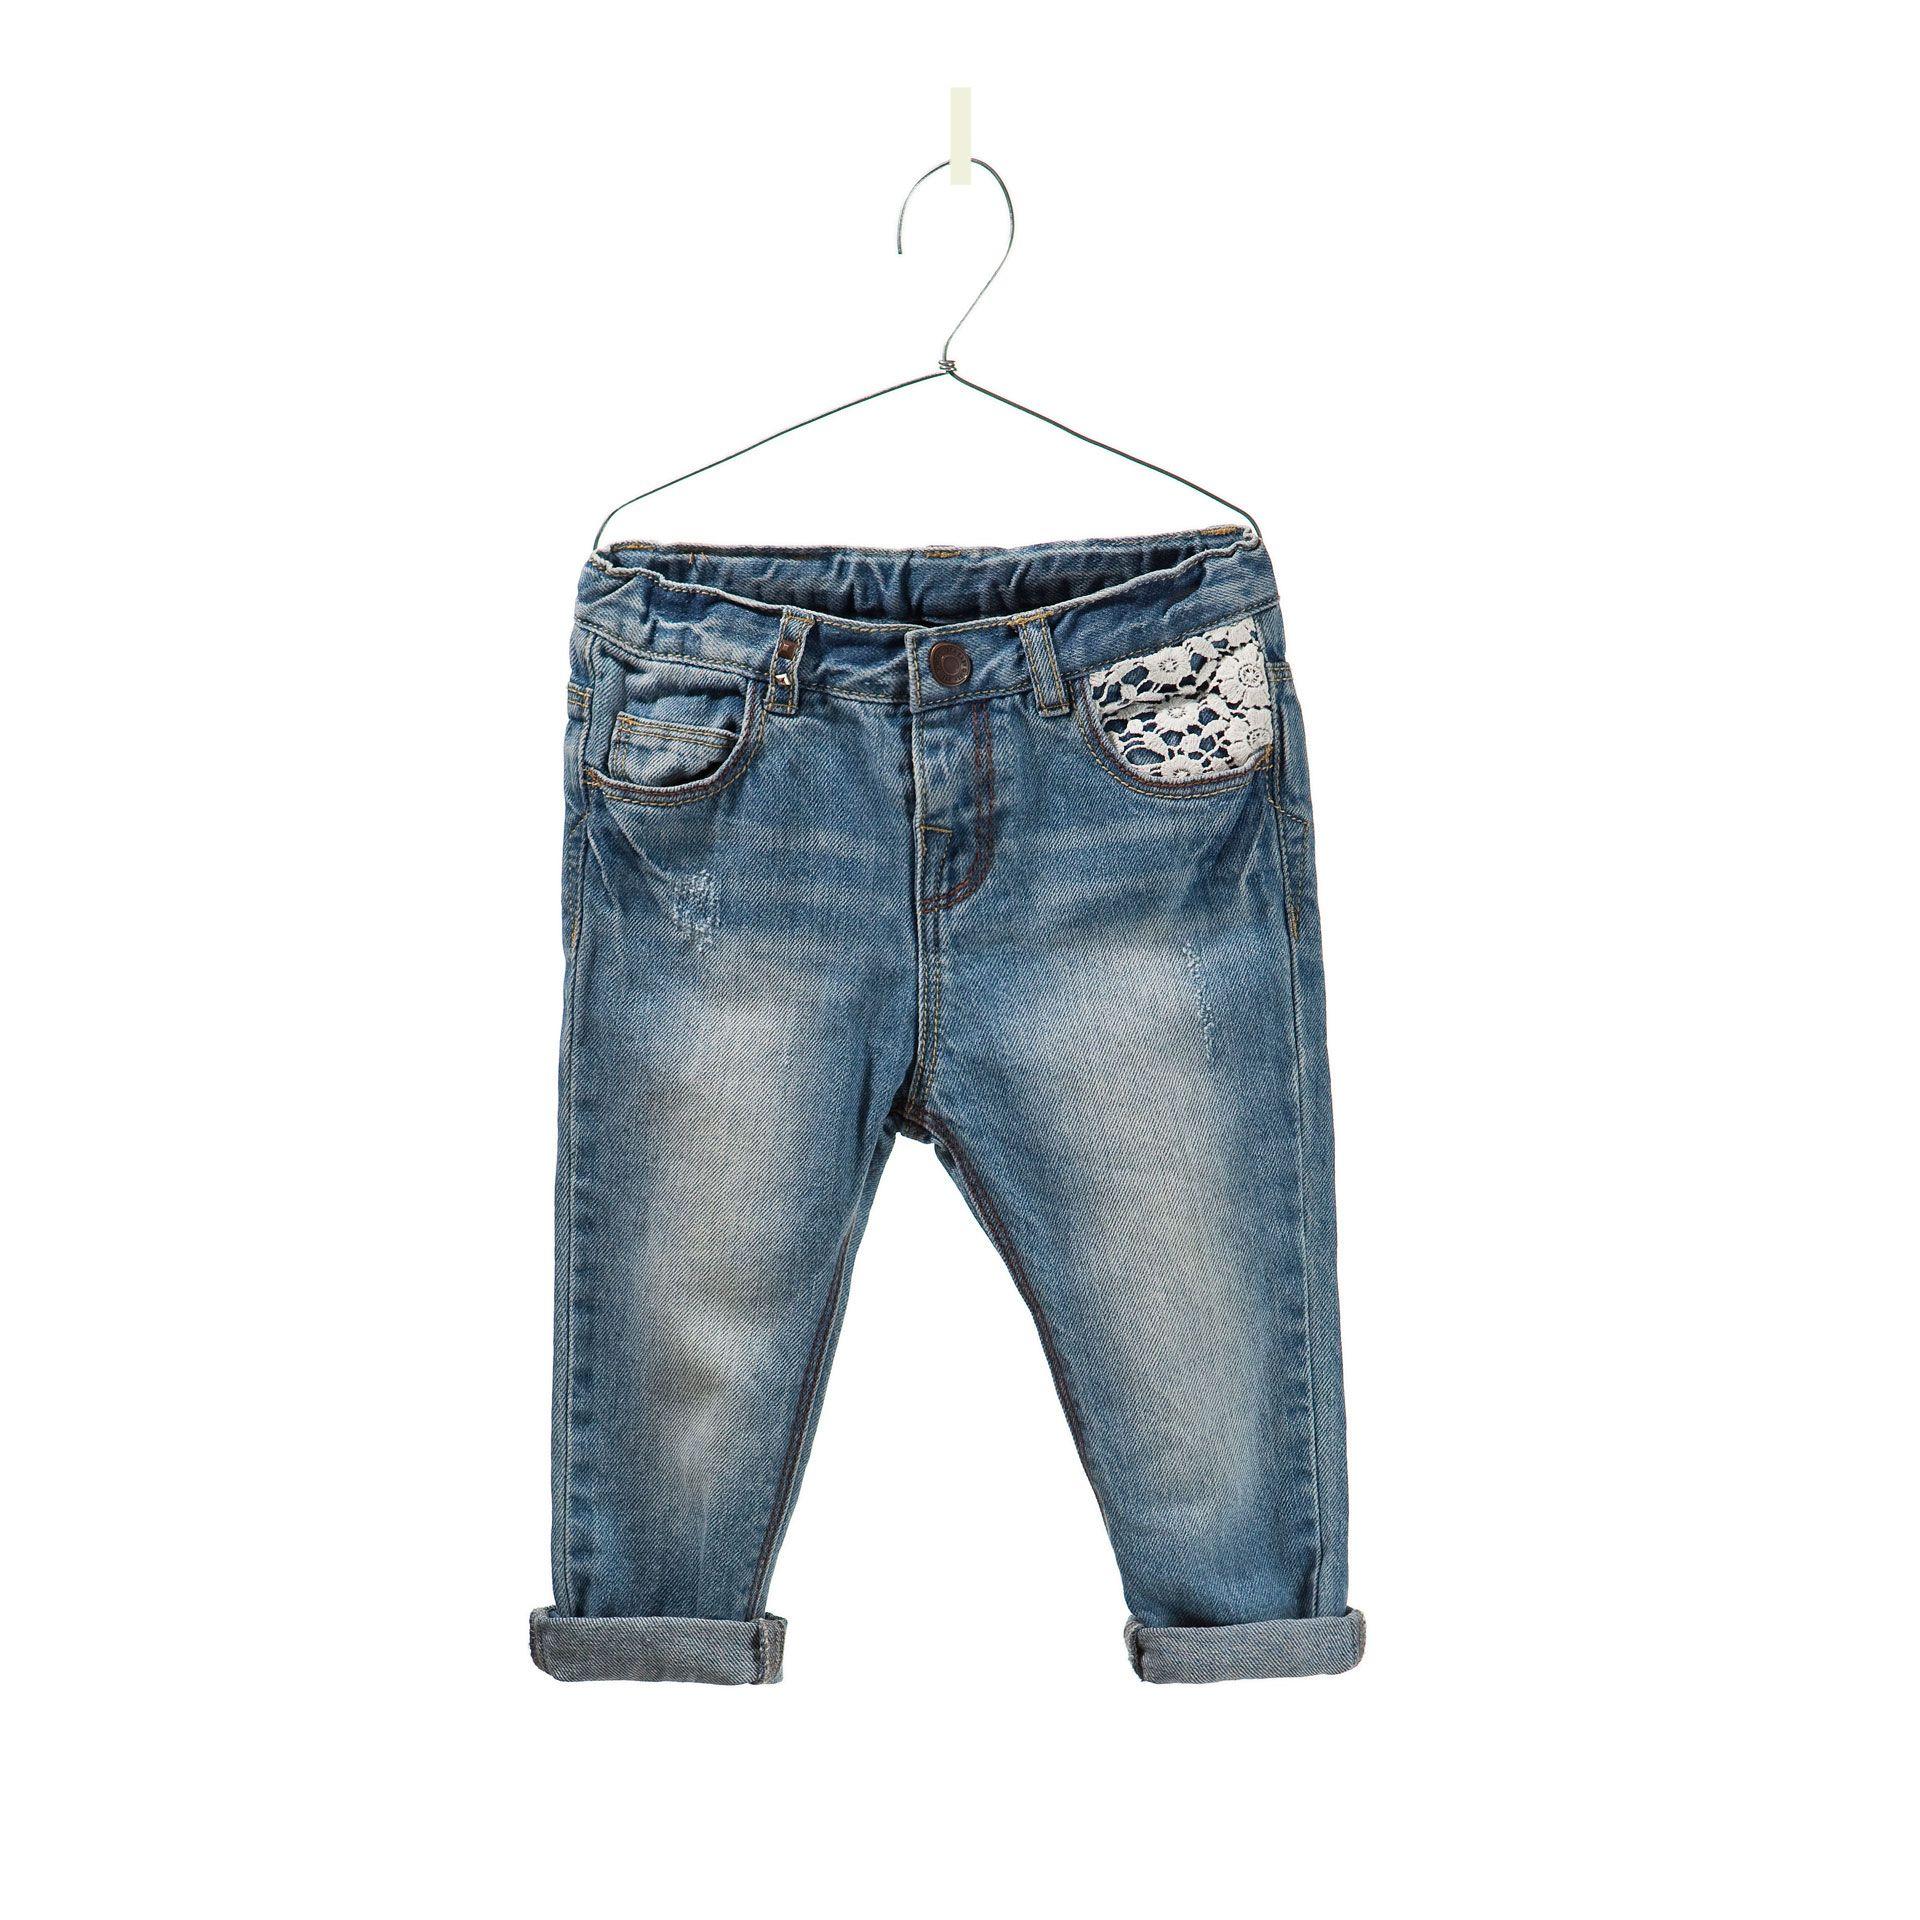 9188ccf5f jeans bordado - Pantalones y faldas - Bebé niña - Niños - ZARA España